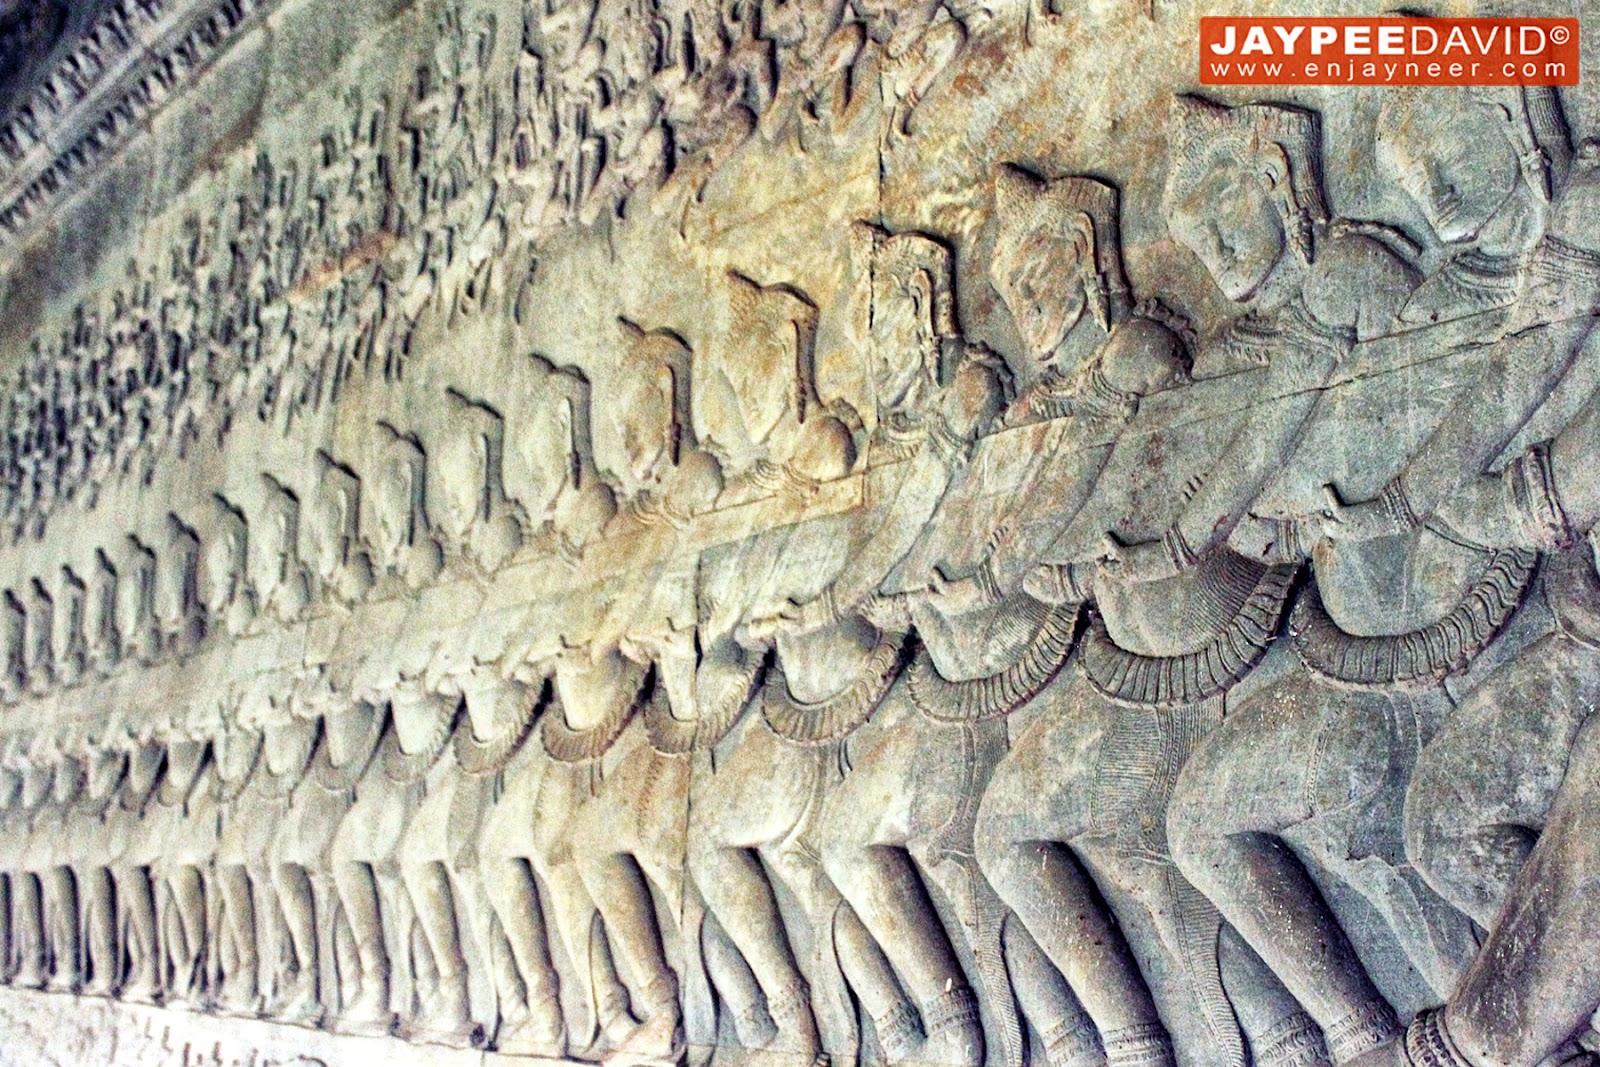 Temple of wonder angkor wat cambodia jaytography a